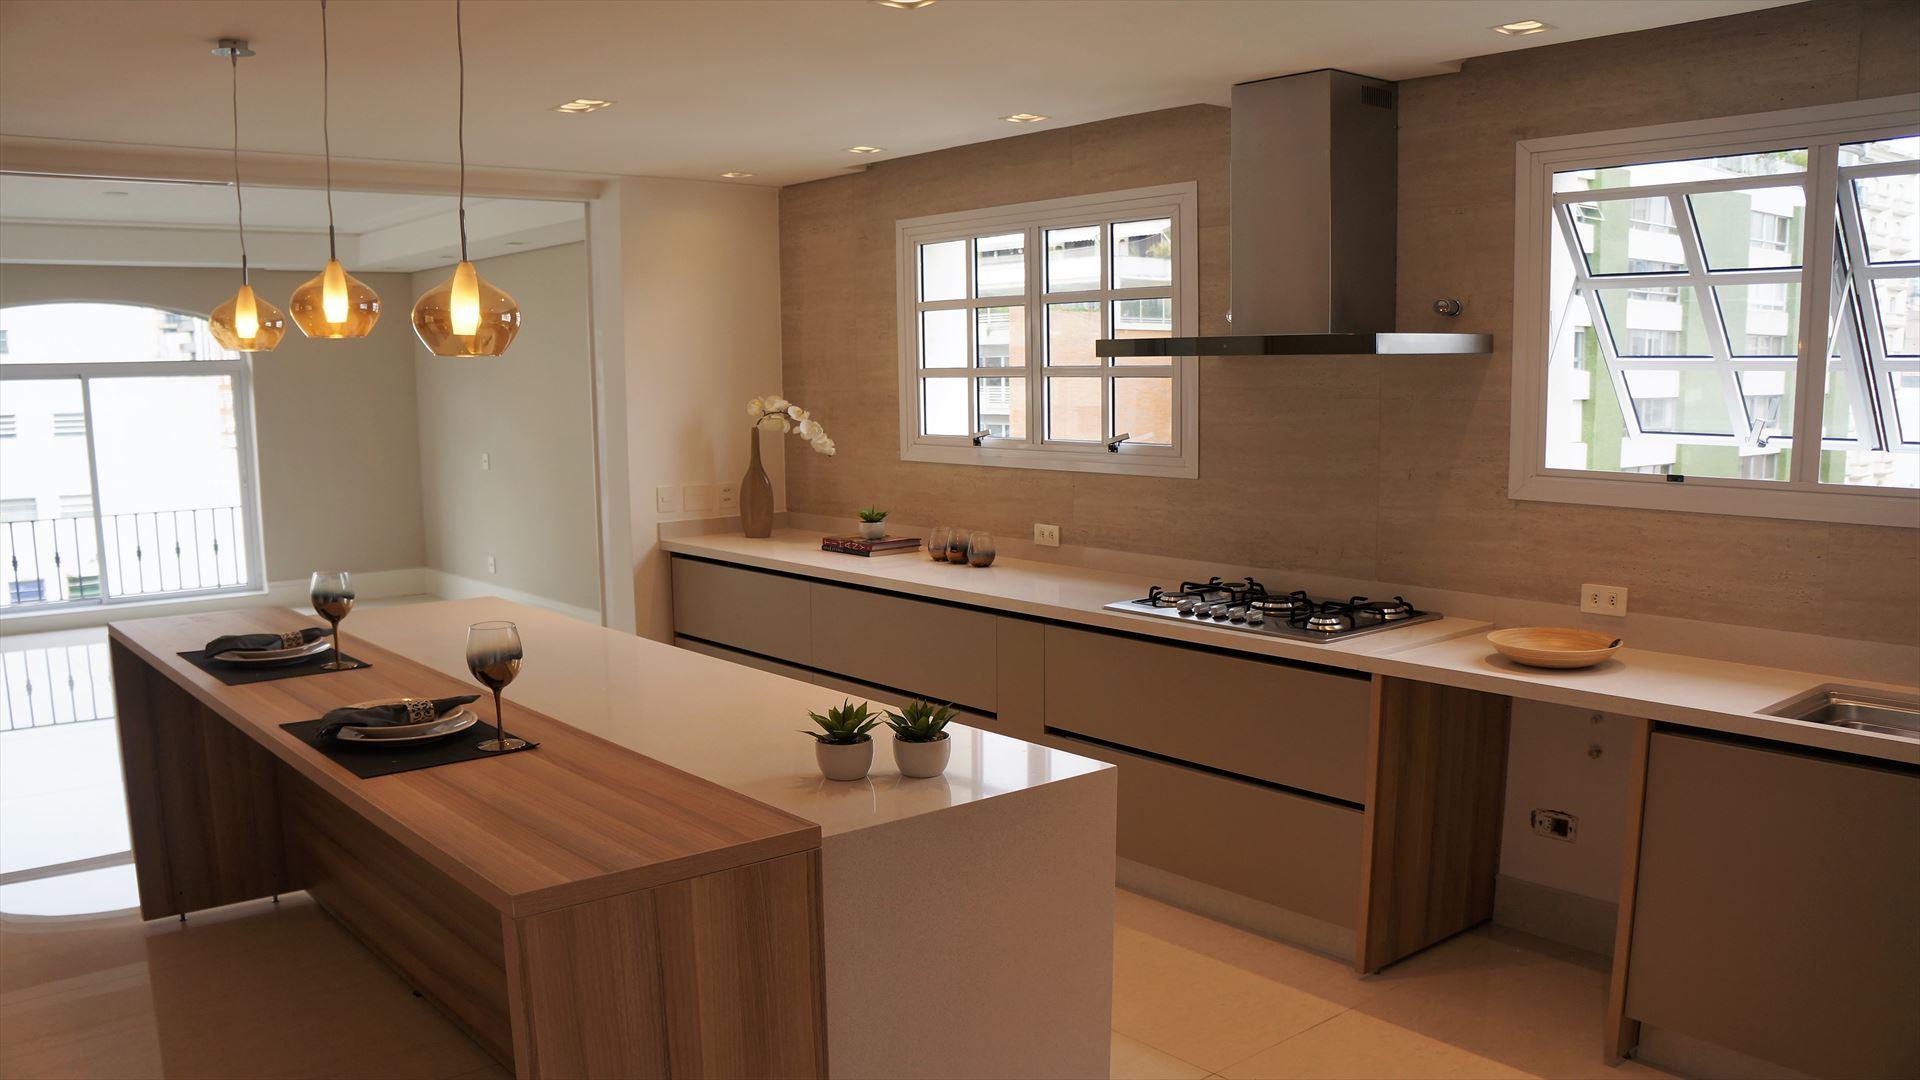 Antes & depois: veja como a reforma modificou a cozinha deste apartamento nos Jardins